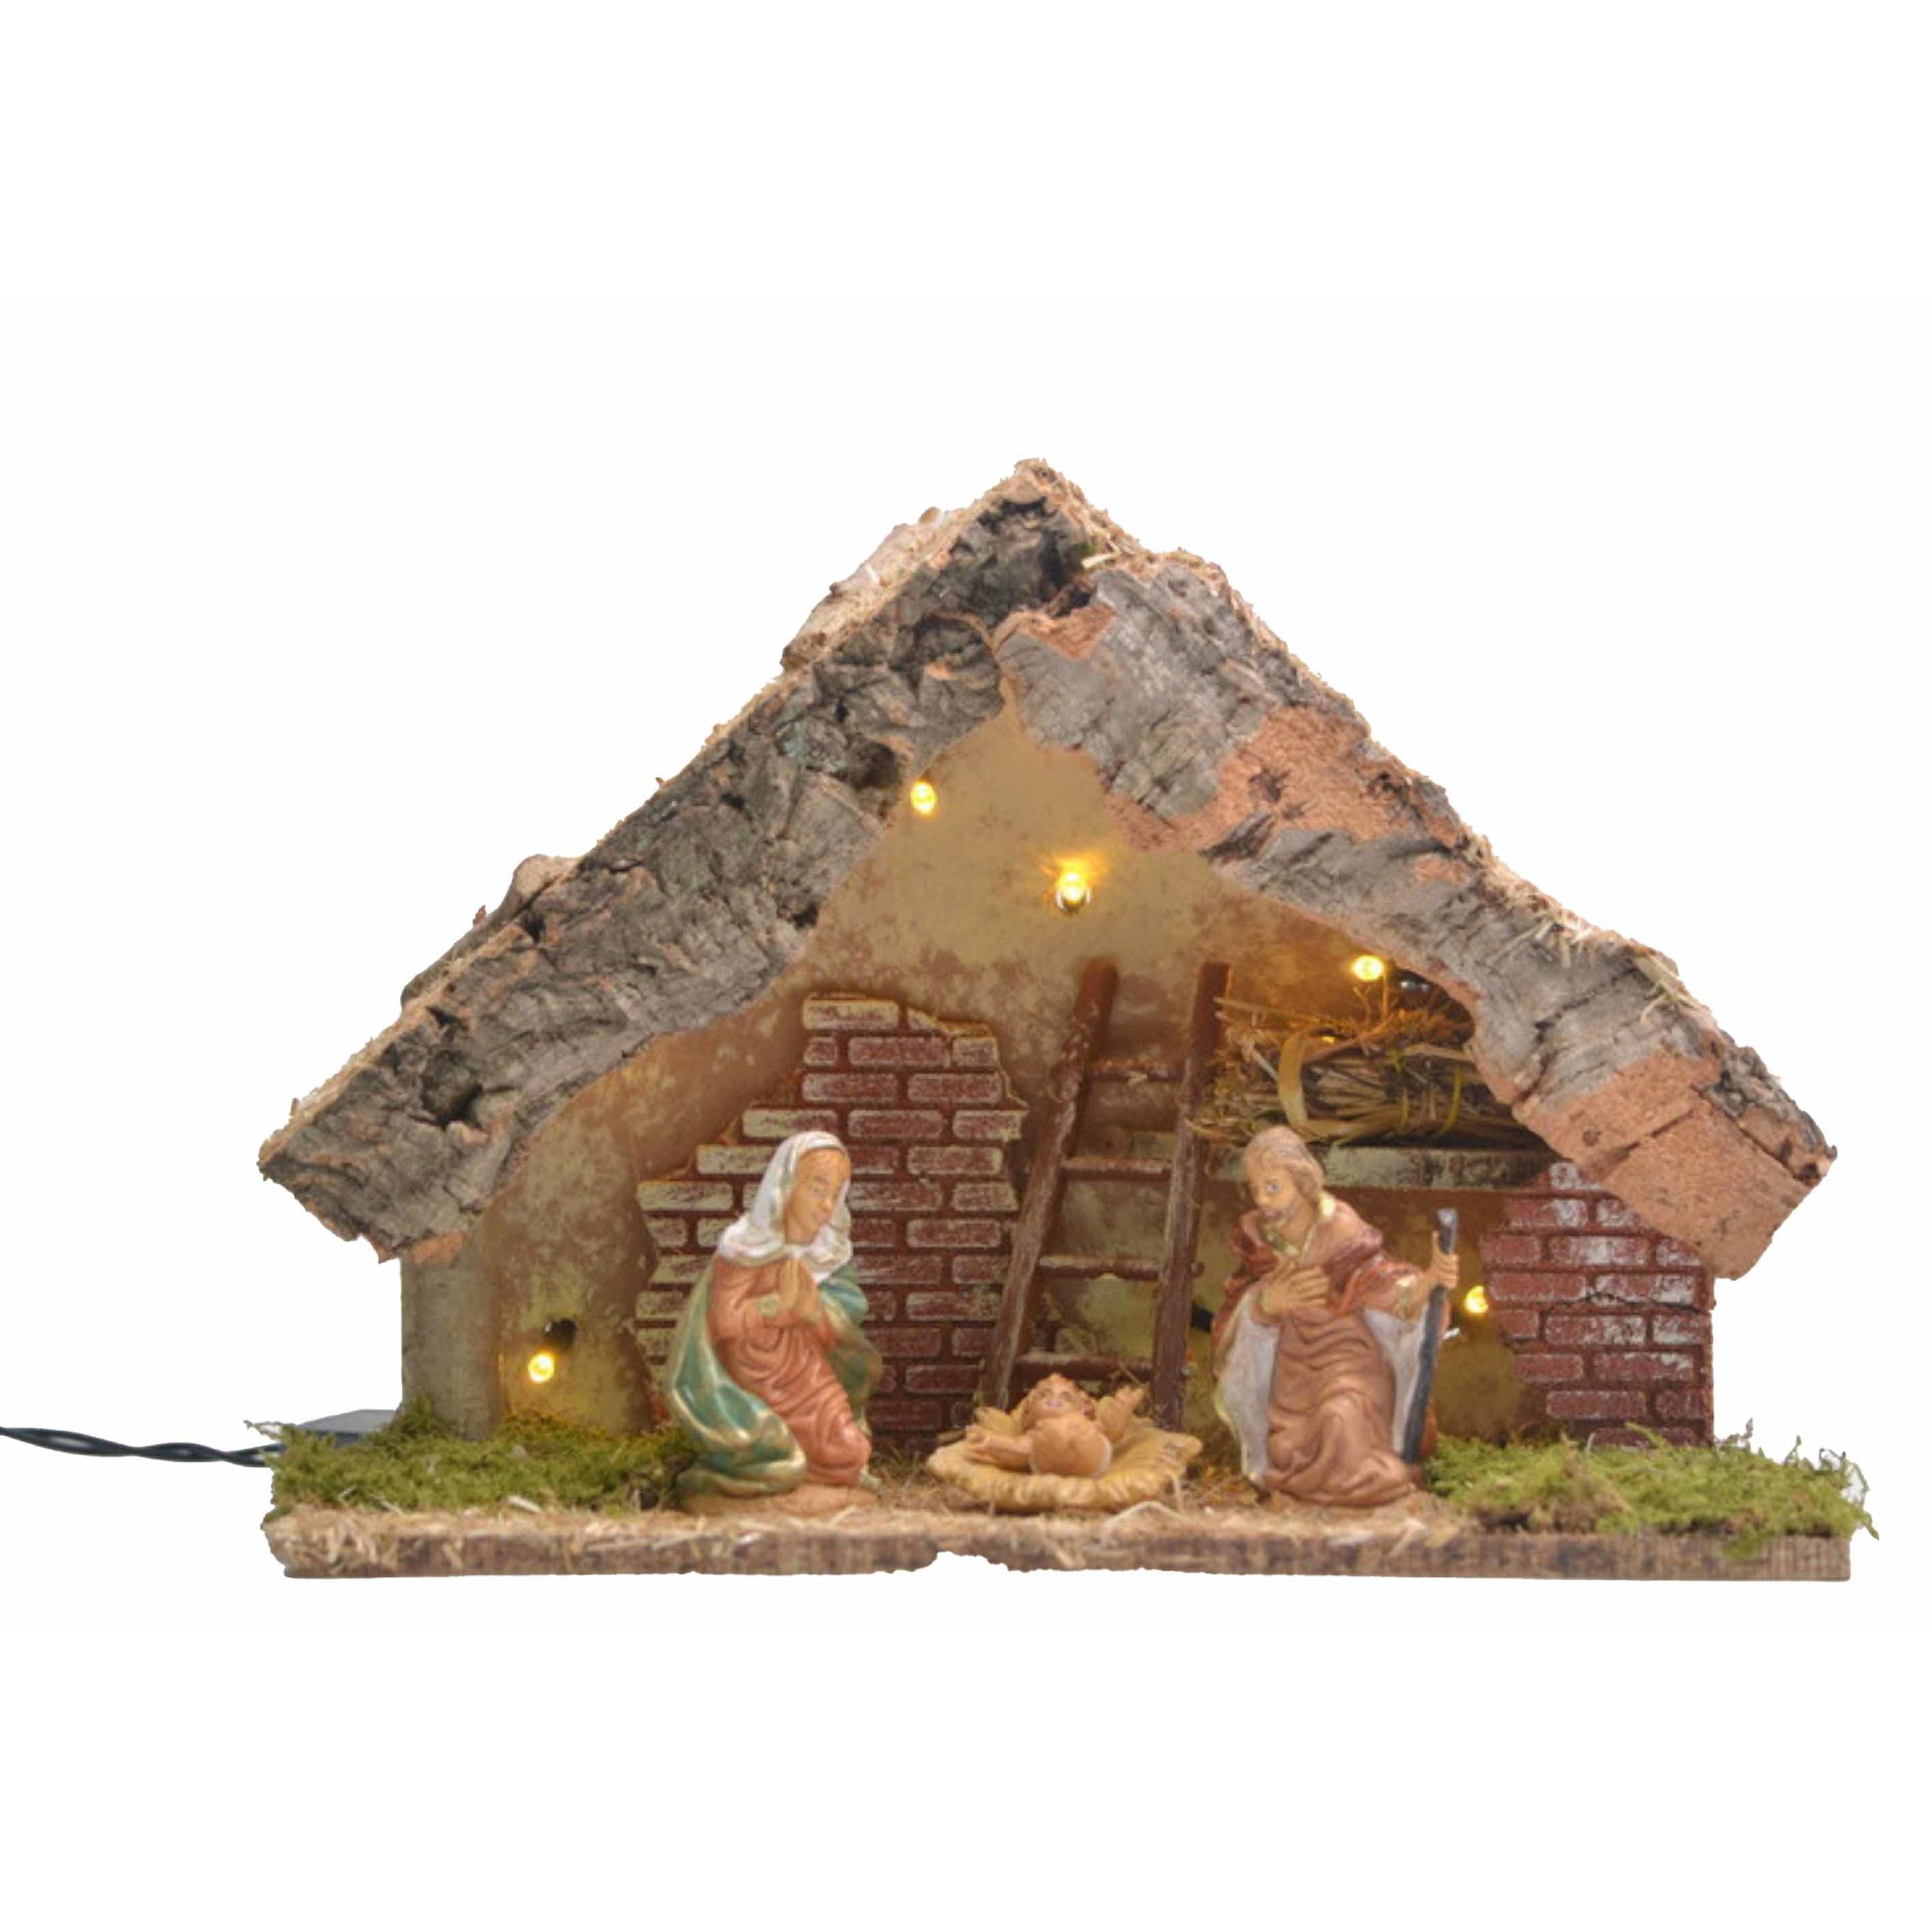 Verlichte kerststal met Jozef, Maria en Jezus beelden 32 x 16 x 24 cm